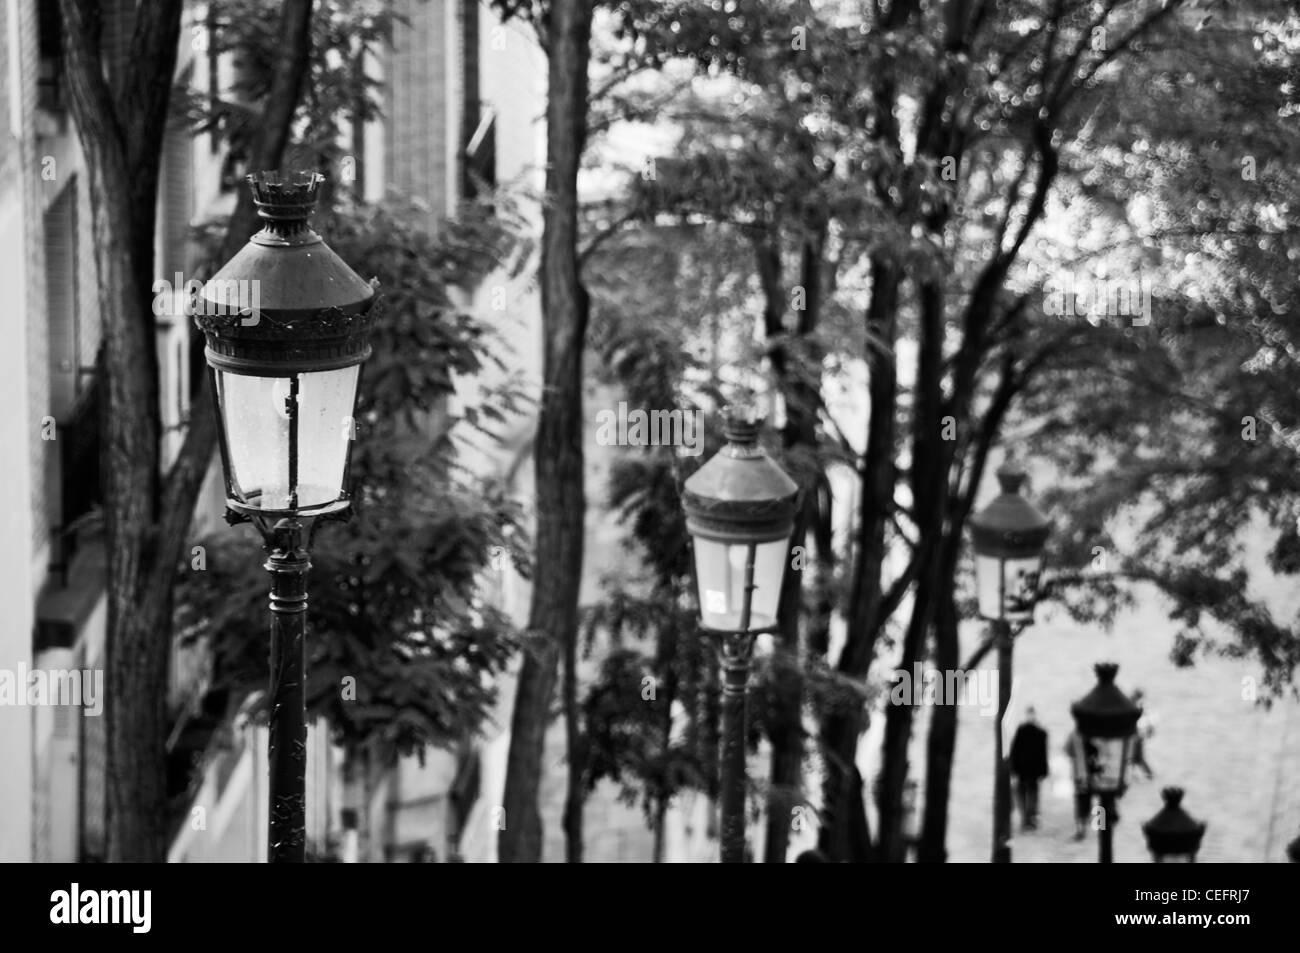 Citylights in einer abfallenden Straße von der Butte Montmartre, Paris - Frankreich schwarz und weiß. Stockbild